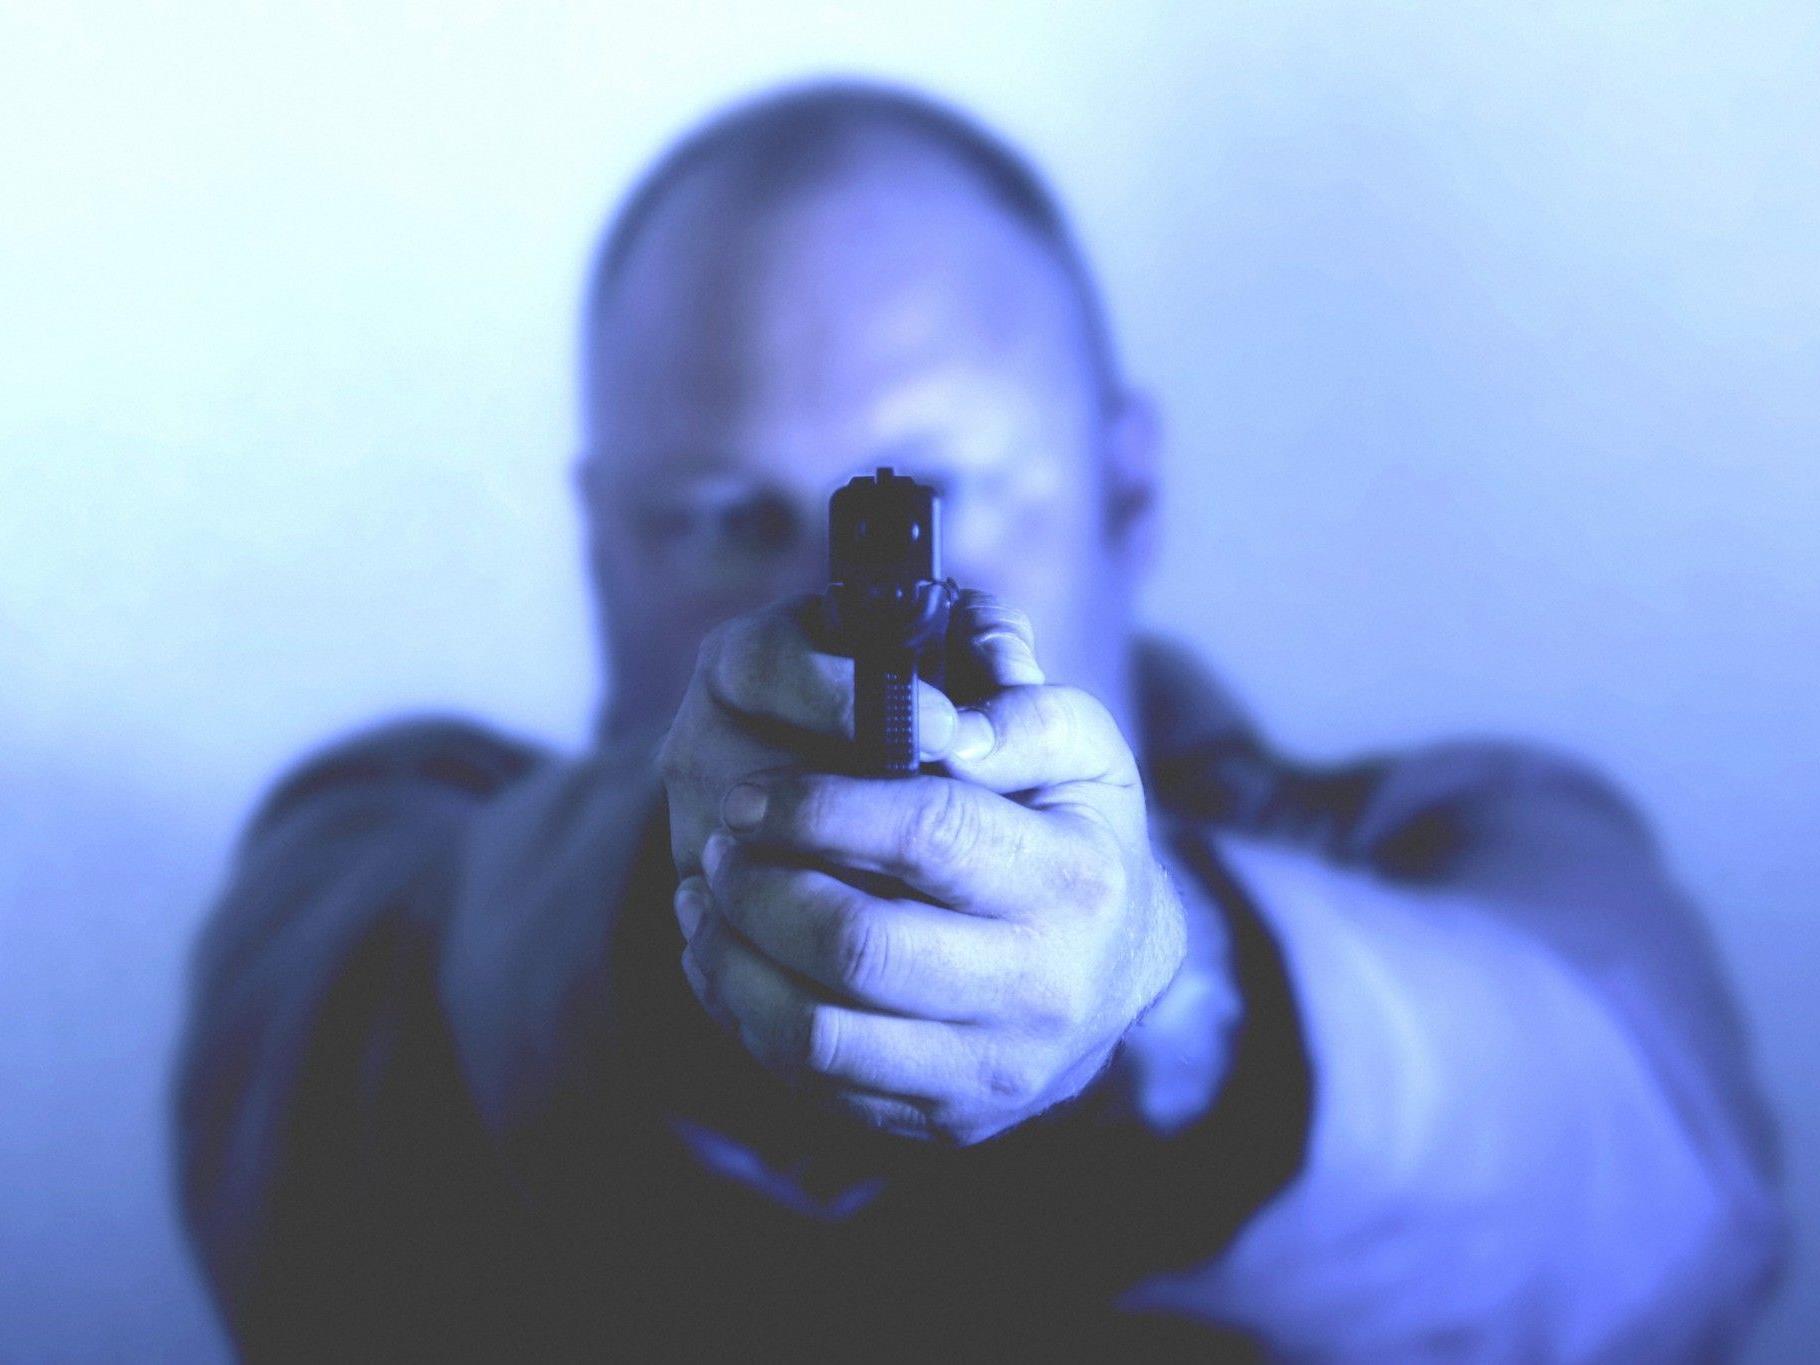 Der 24-Jährige wurde erschossen in seiner Wohnung aufgefunden.